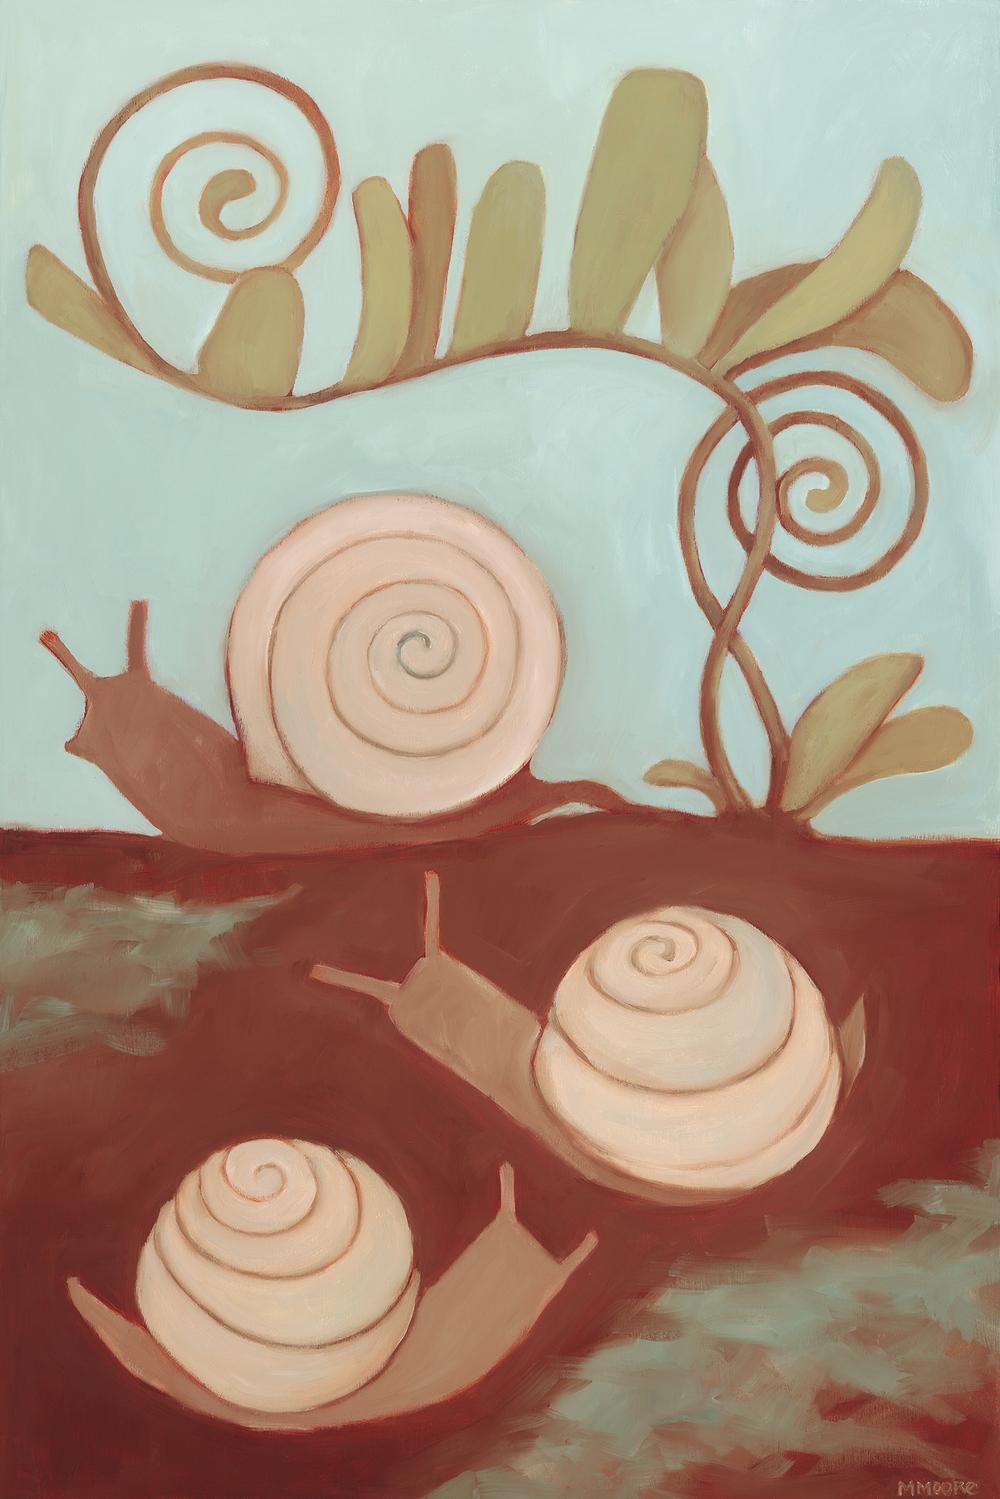 Snails & Fern